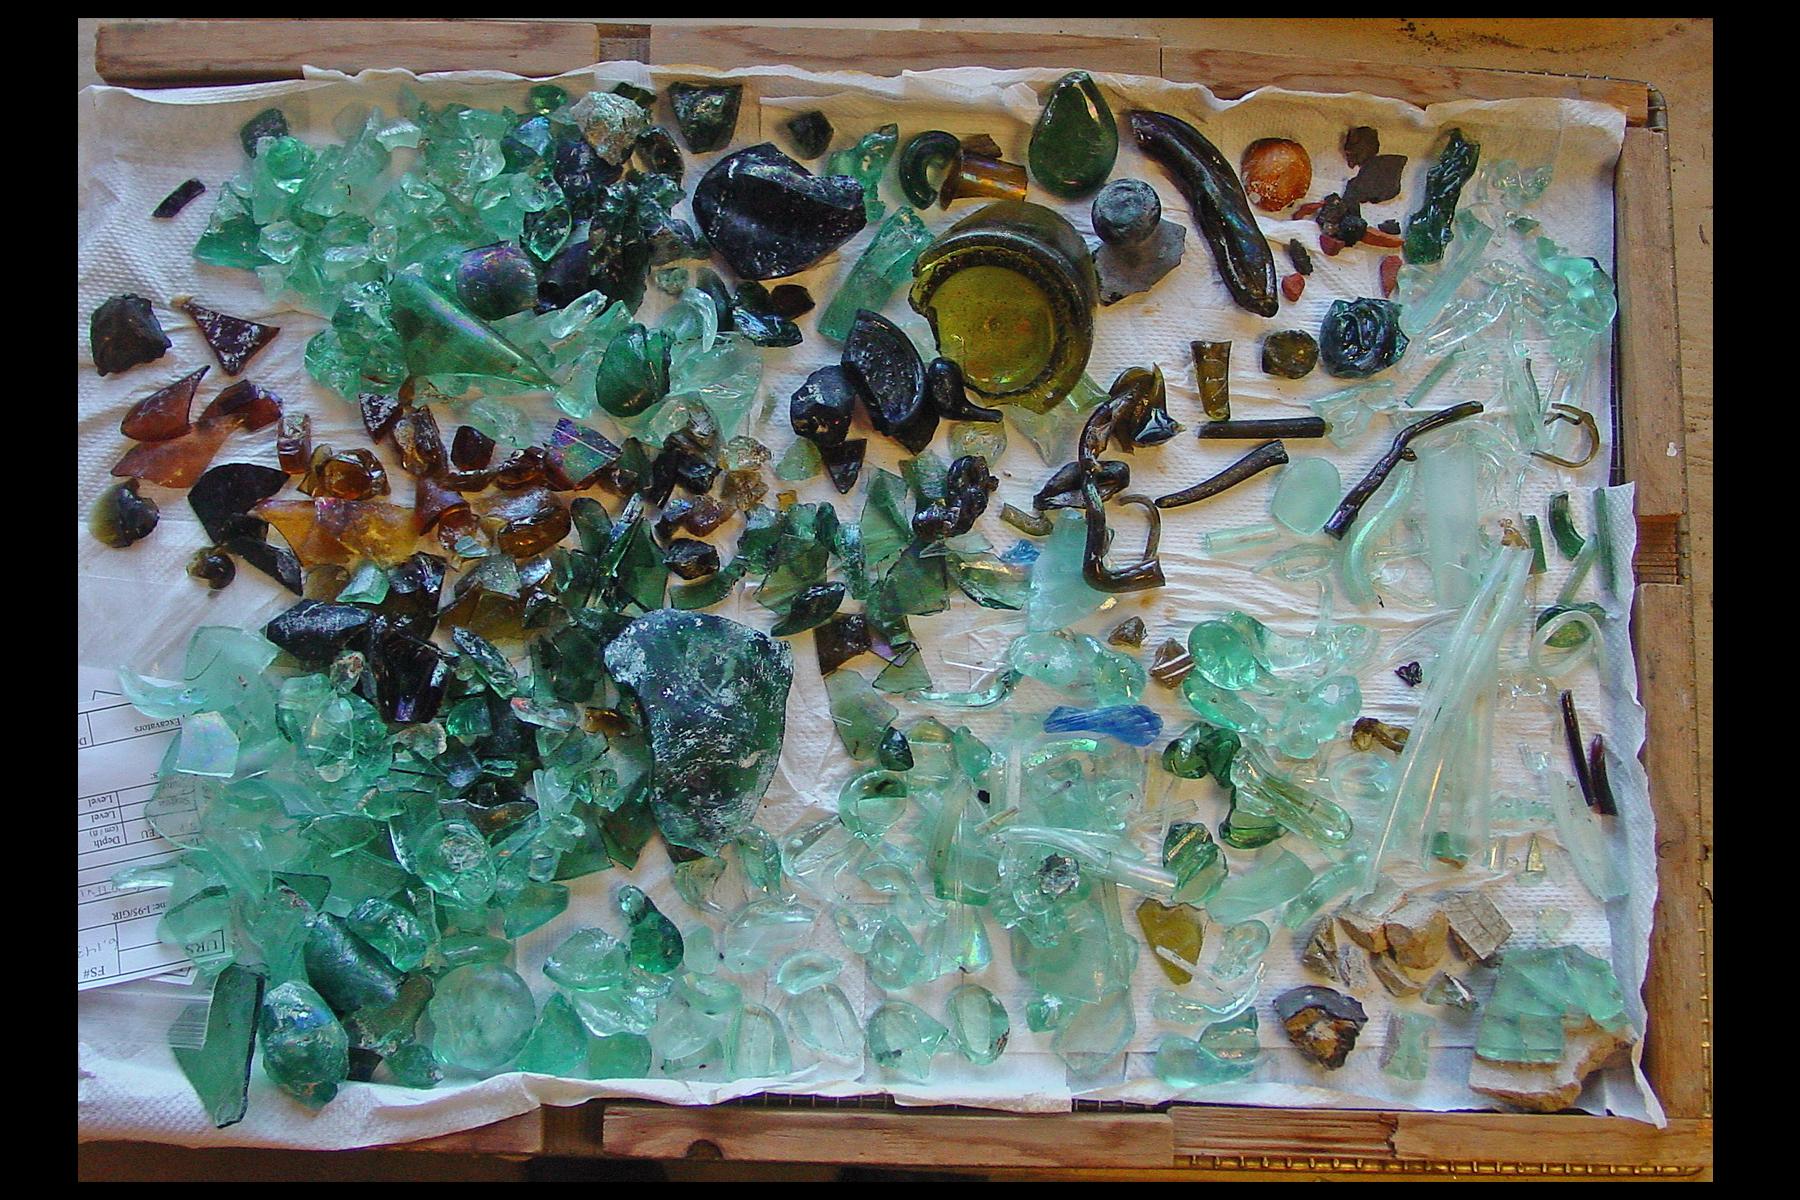 Dyottville glass debris